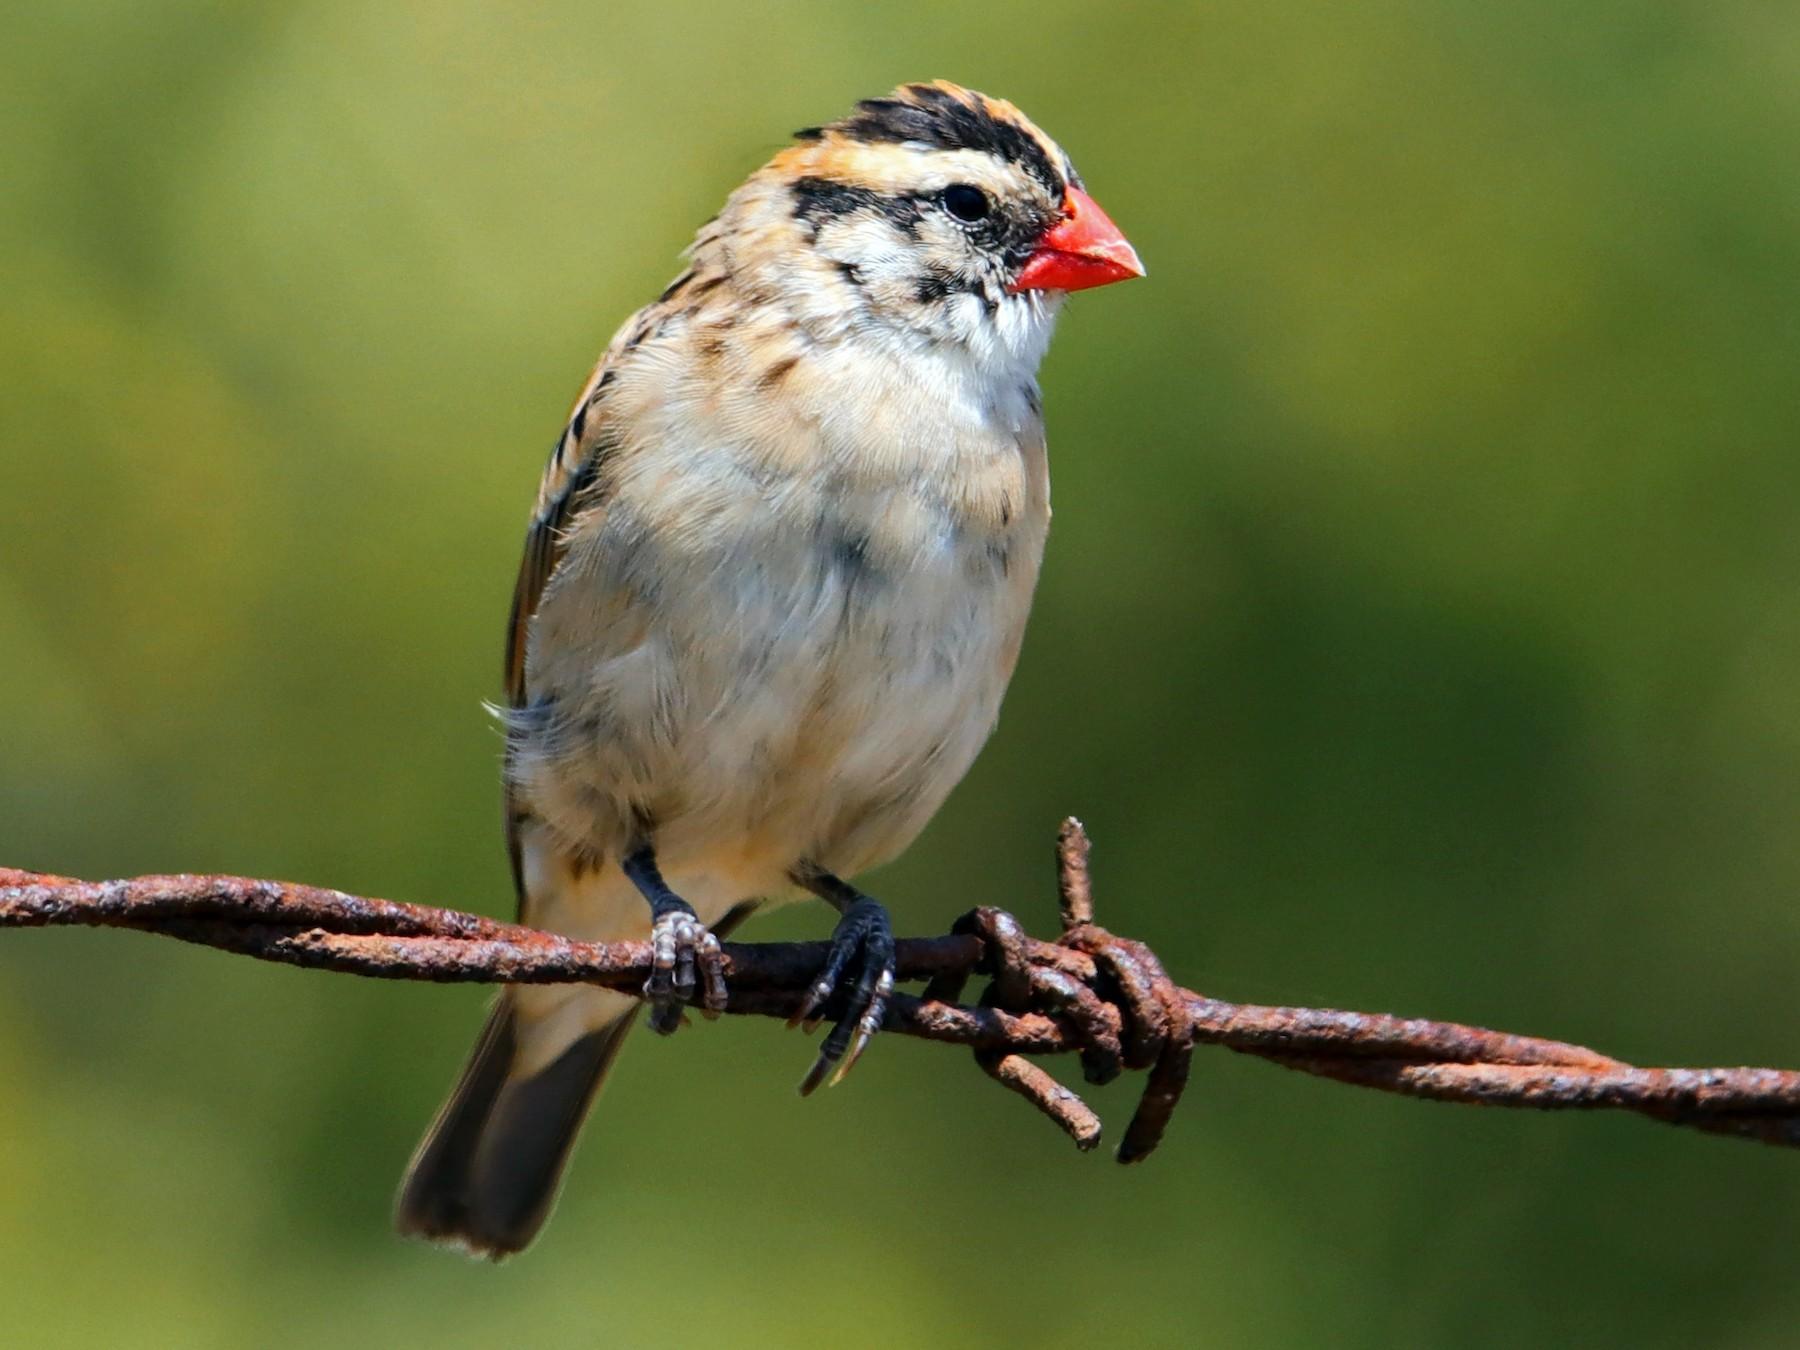 Pin-tailed Whydah - Albert Linkowski